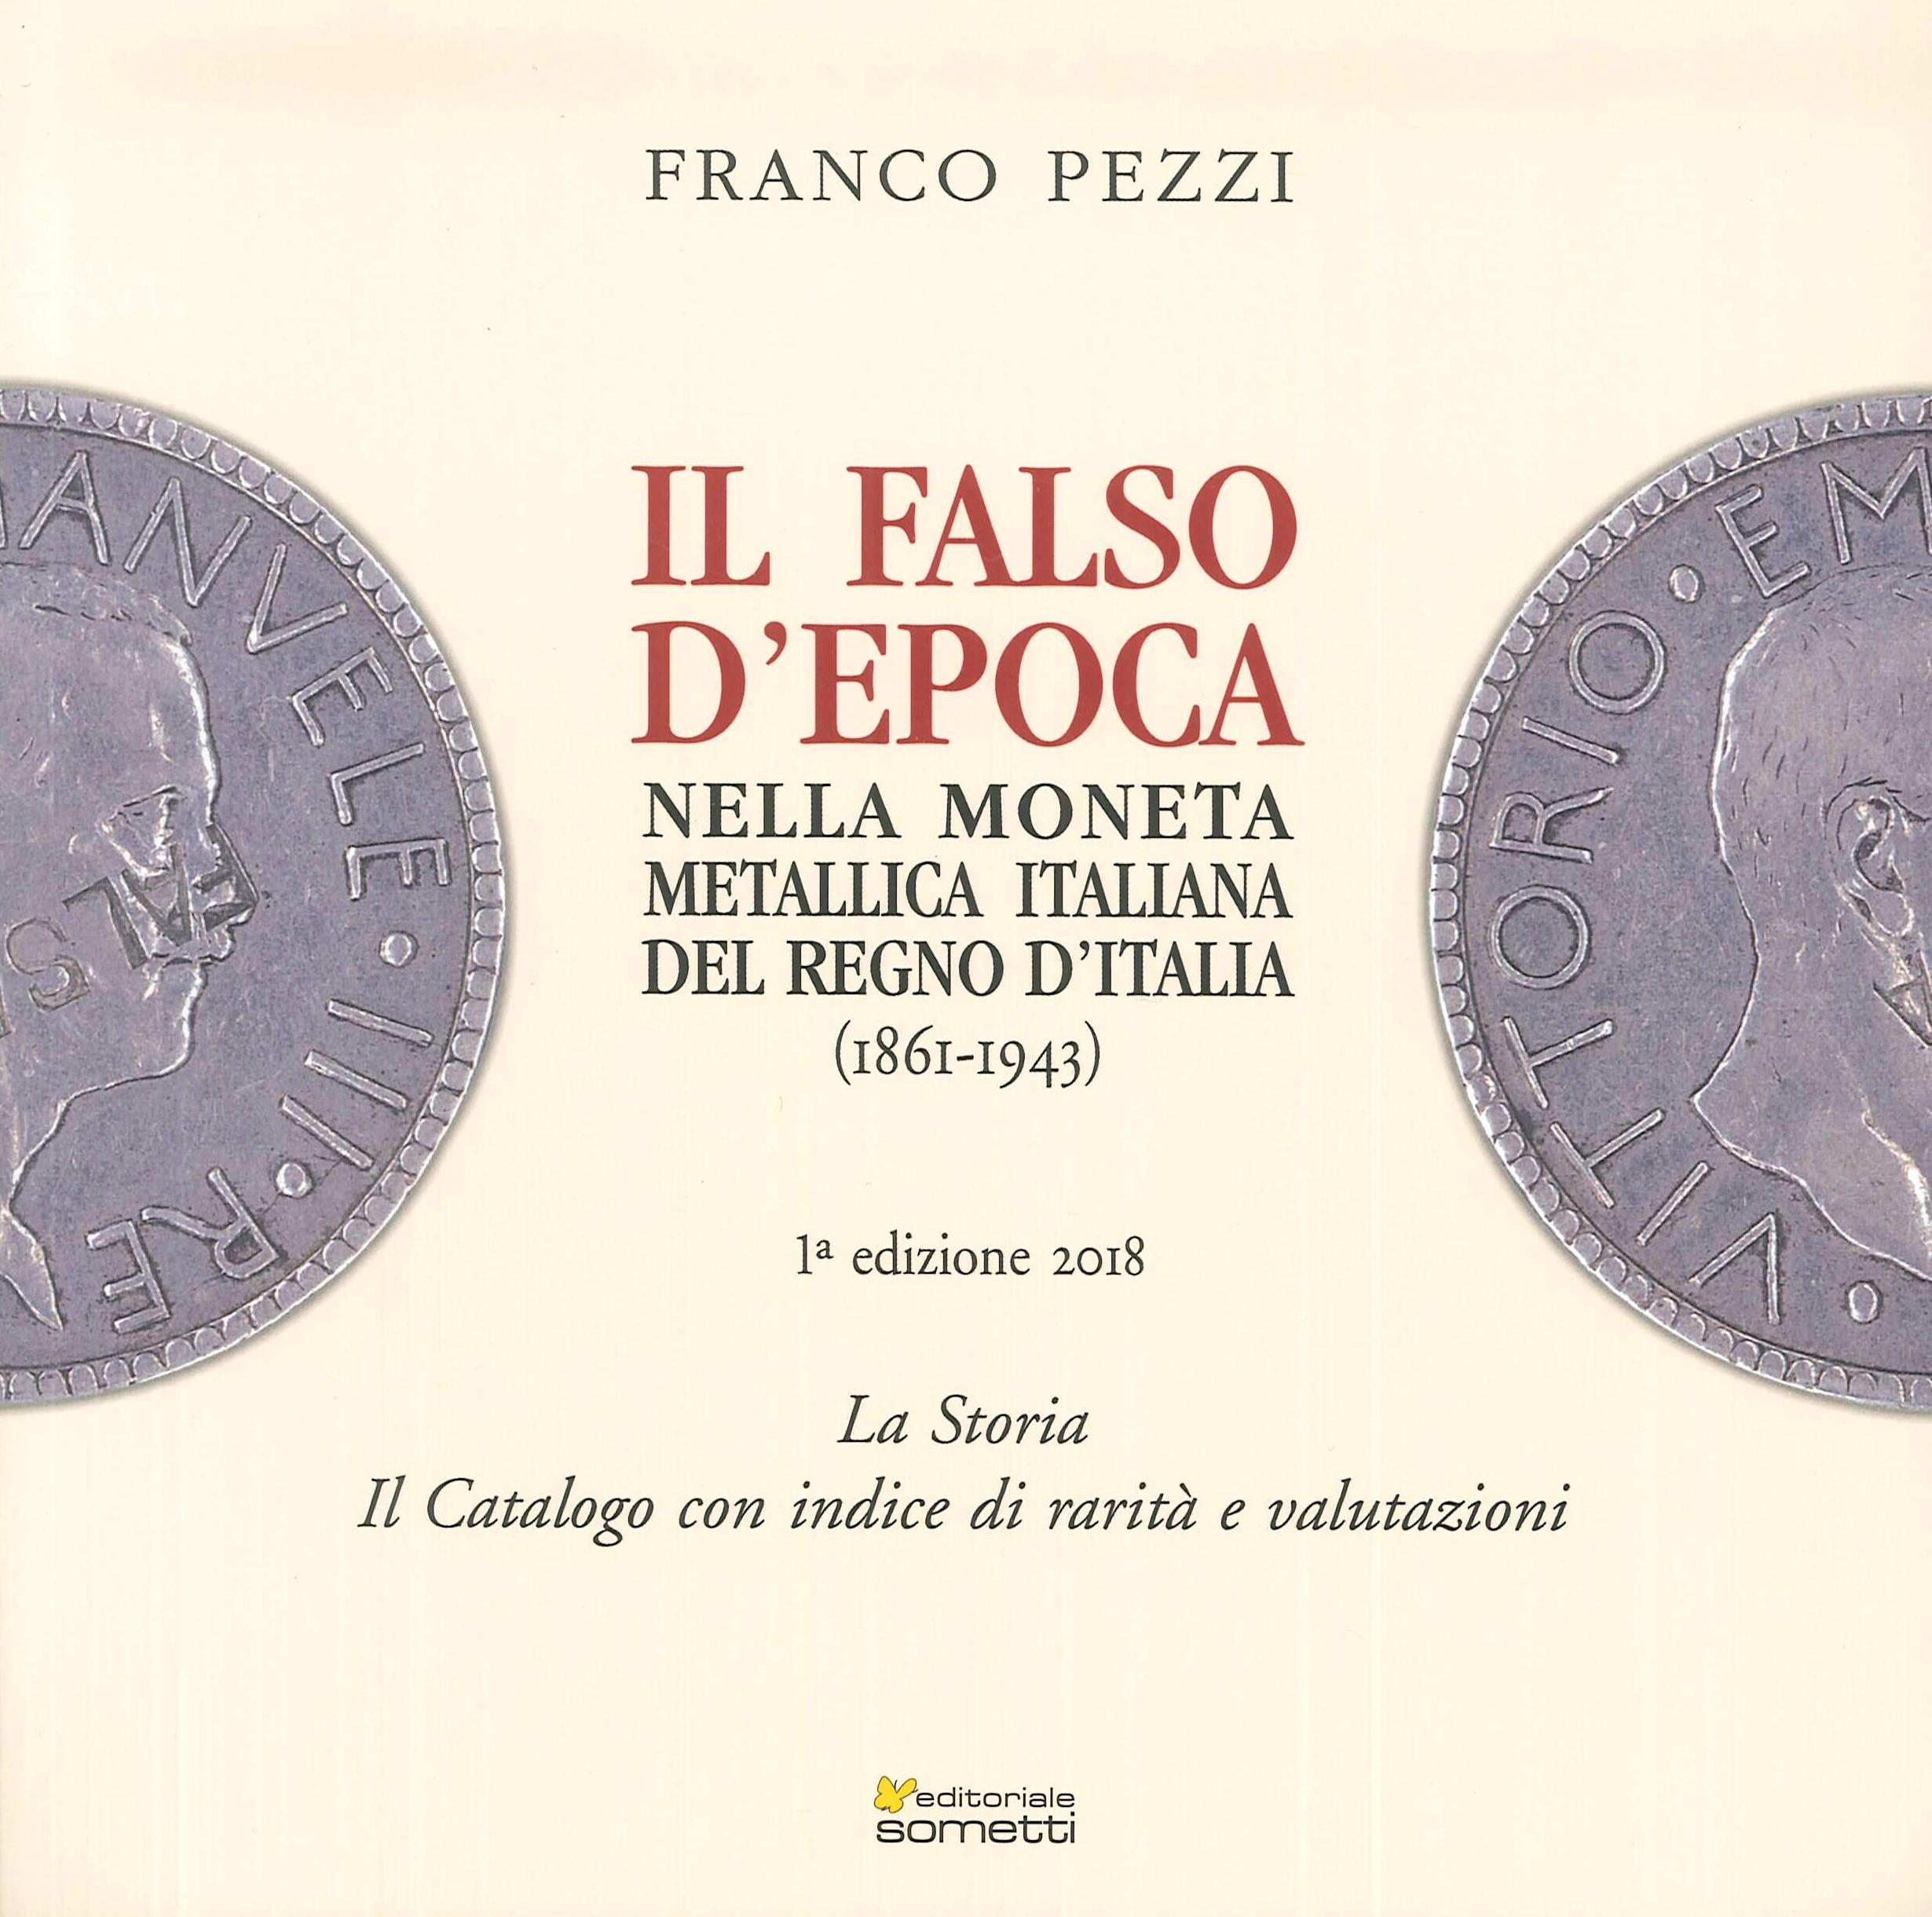 Il falso d'epoca nella moneta metallica italiana del Regno d'Italia